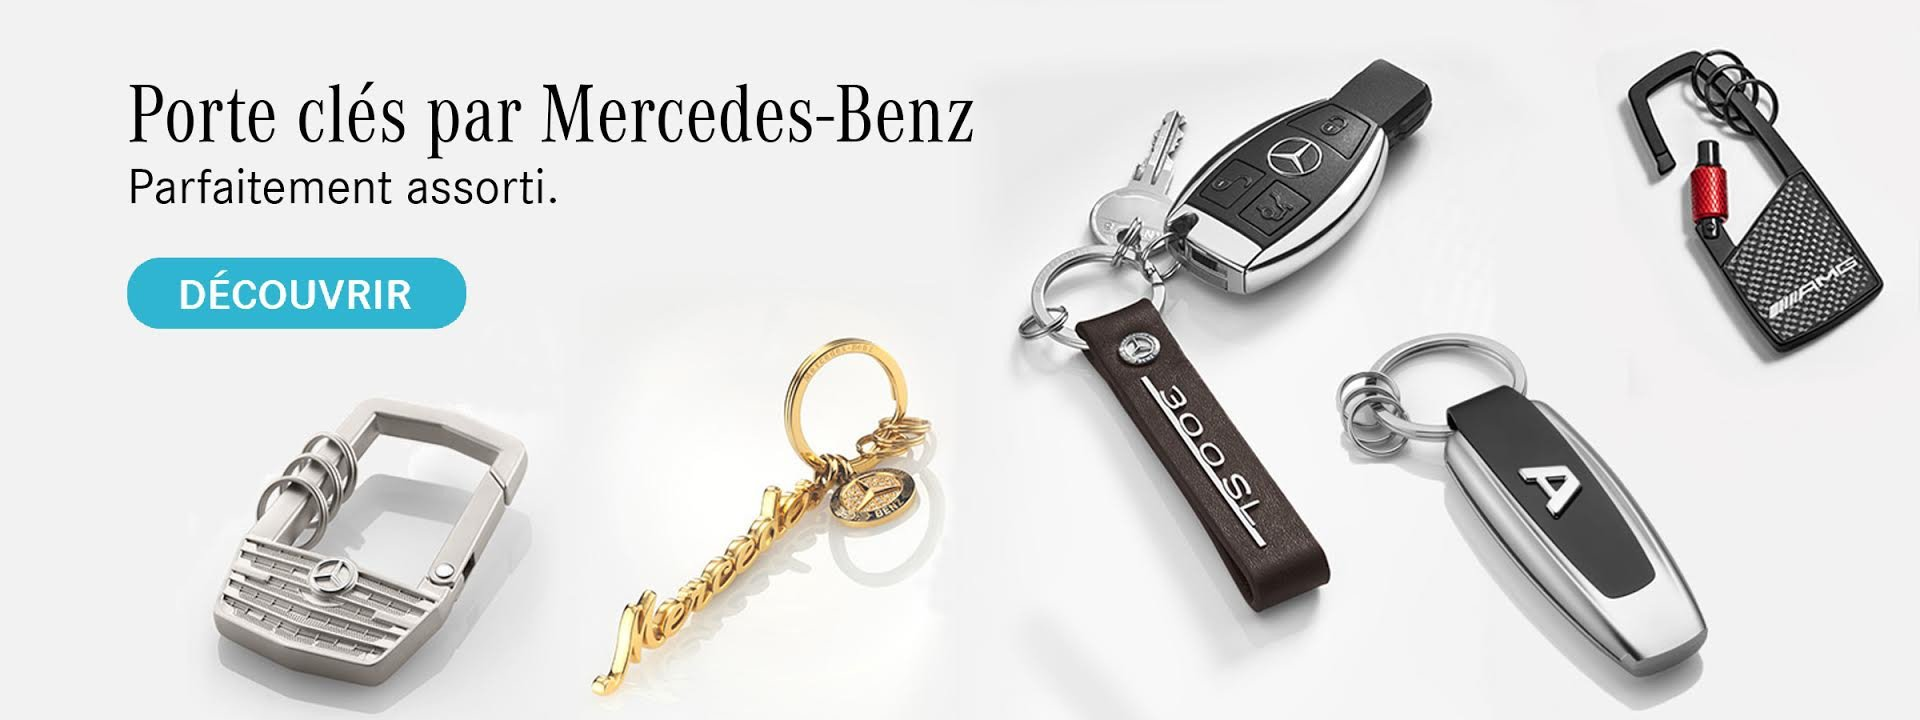 Portes clés - Mercedes-Benz